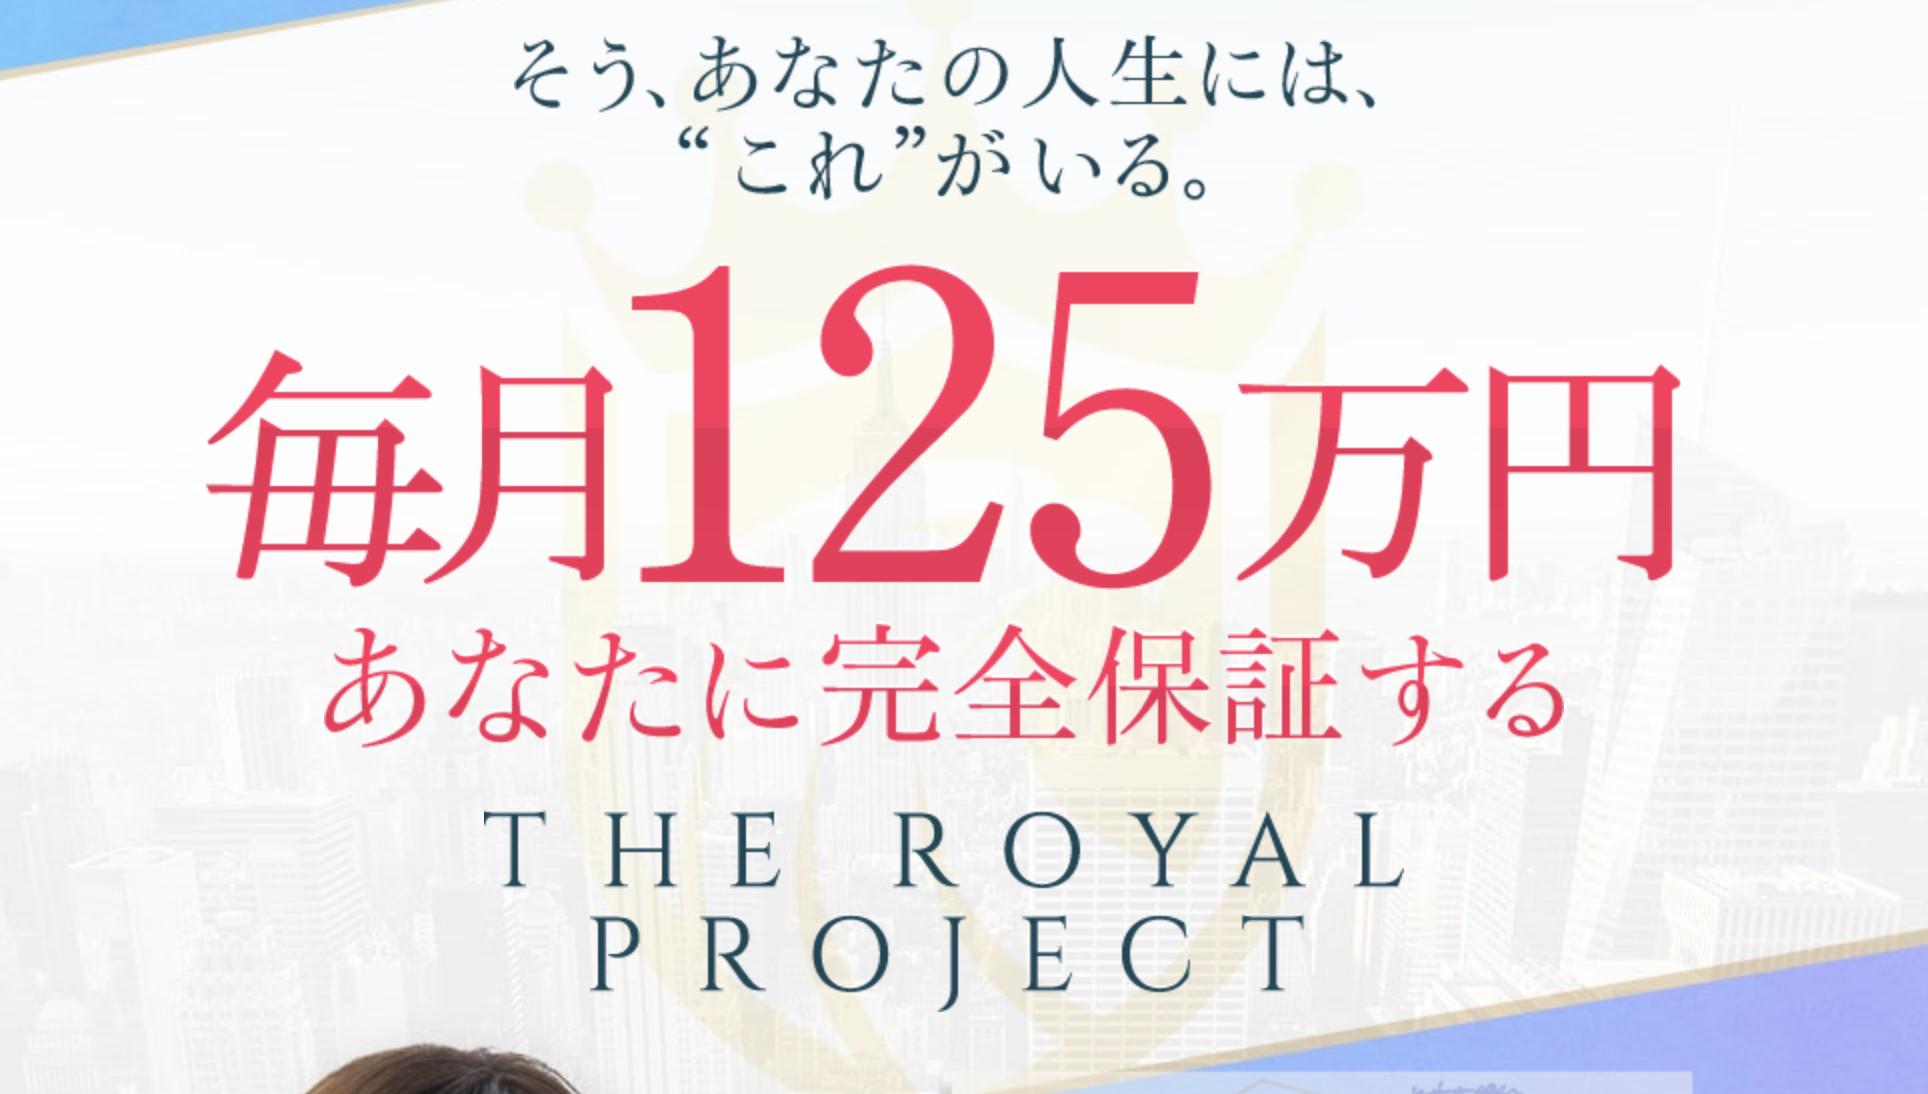 安藤誠のTHE ROYAL(ロイヤル)レター